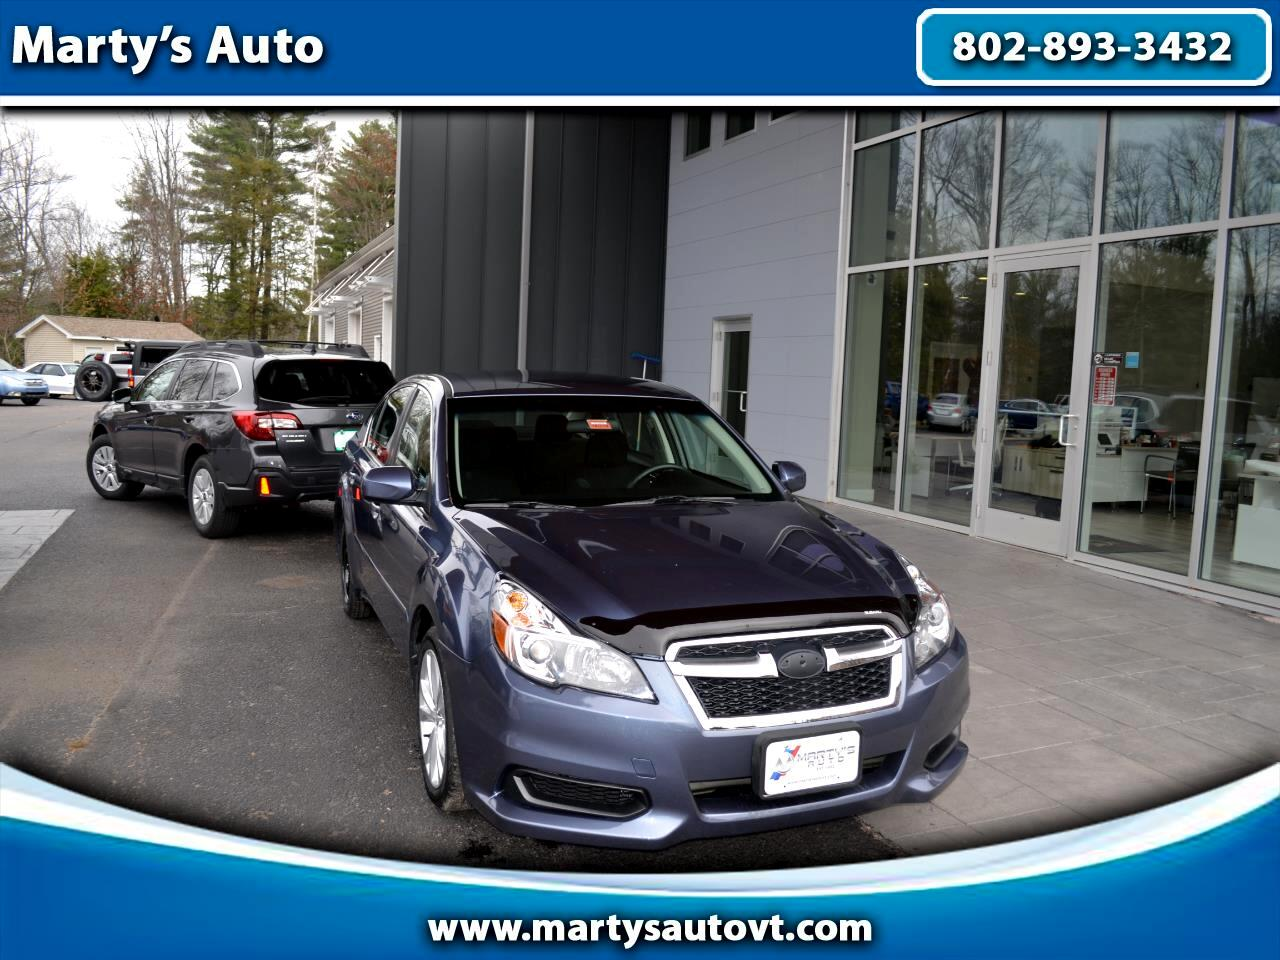 2013 Subaru Impreza Sedan 4dr Auto 2.0i Premium